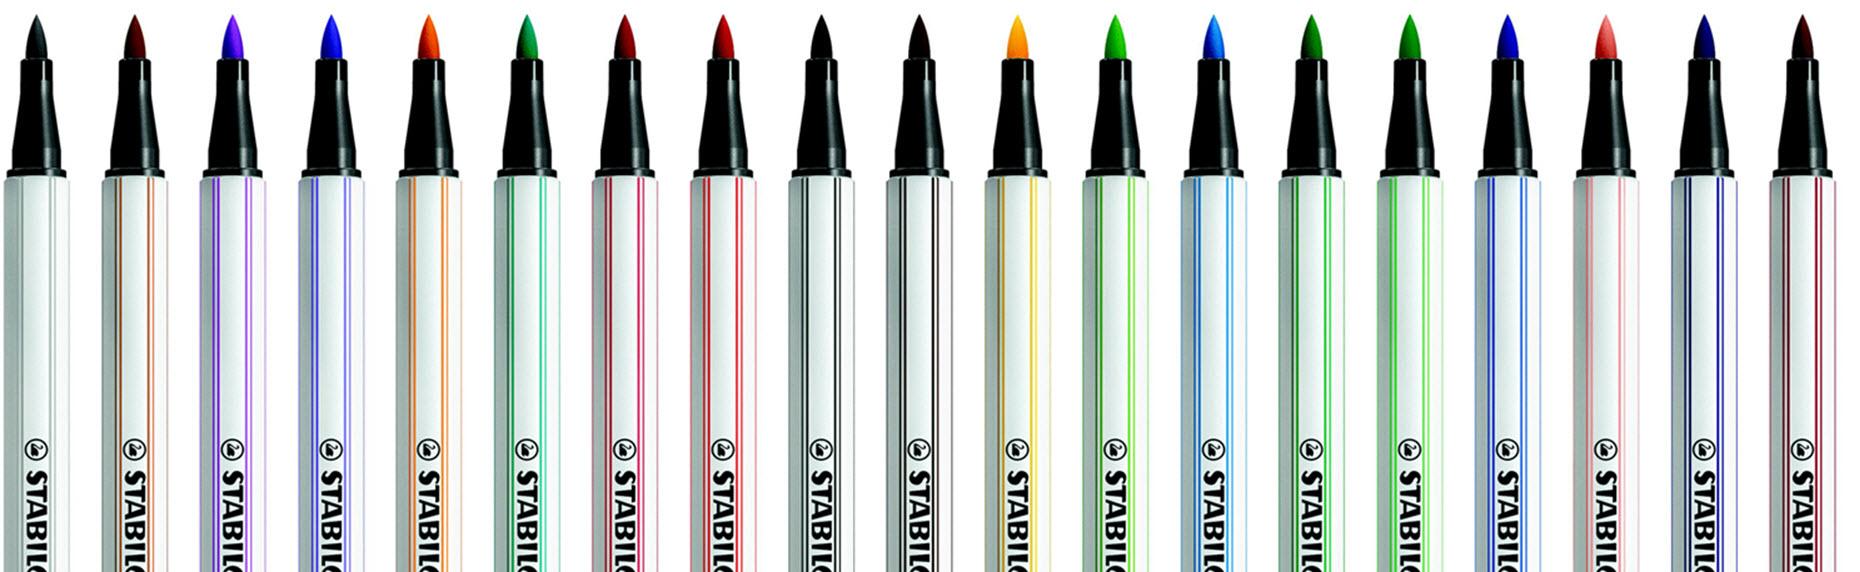 Pen_68_brush_title_1860x575.jpg